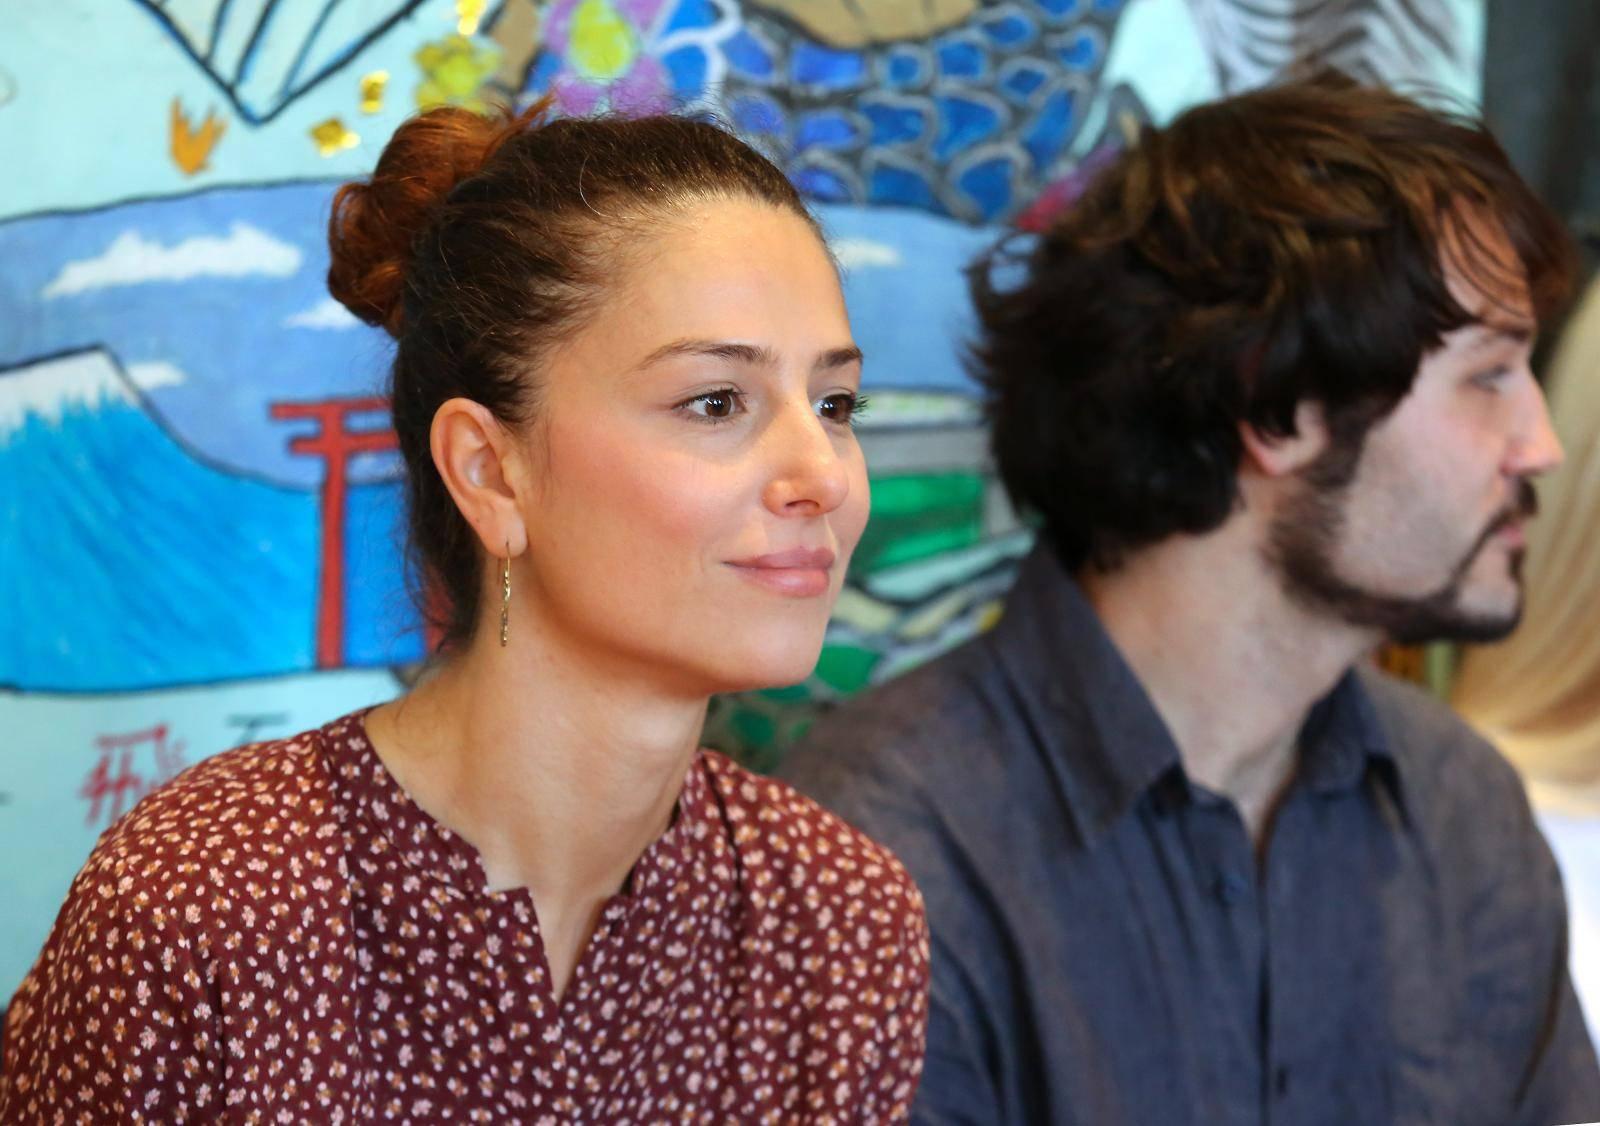 Glumica iz Drugo ime ljubavi: 'Svako malo me uhvati fjaka'